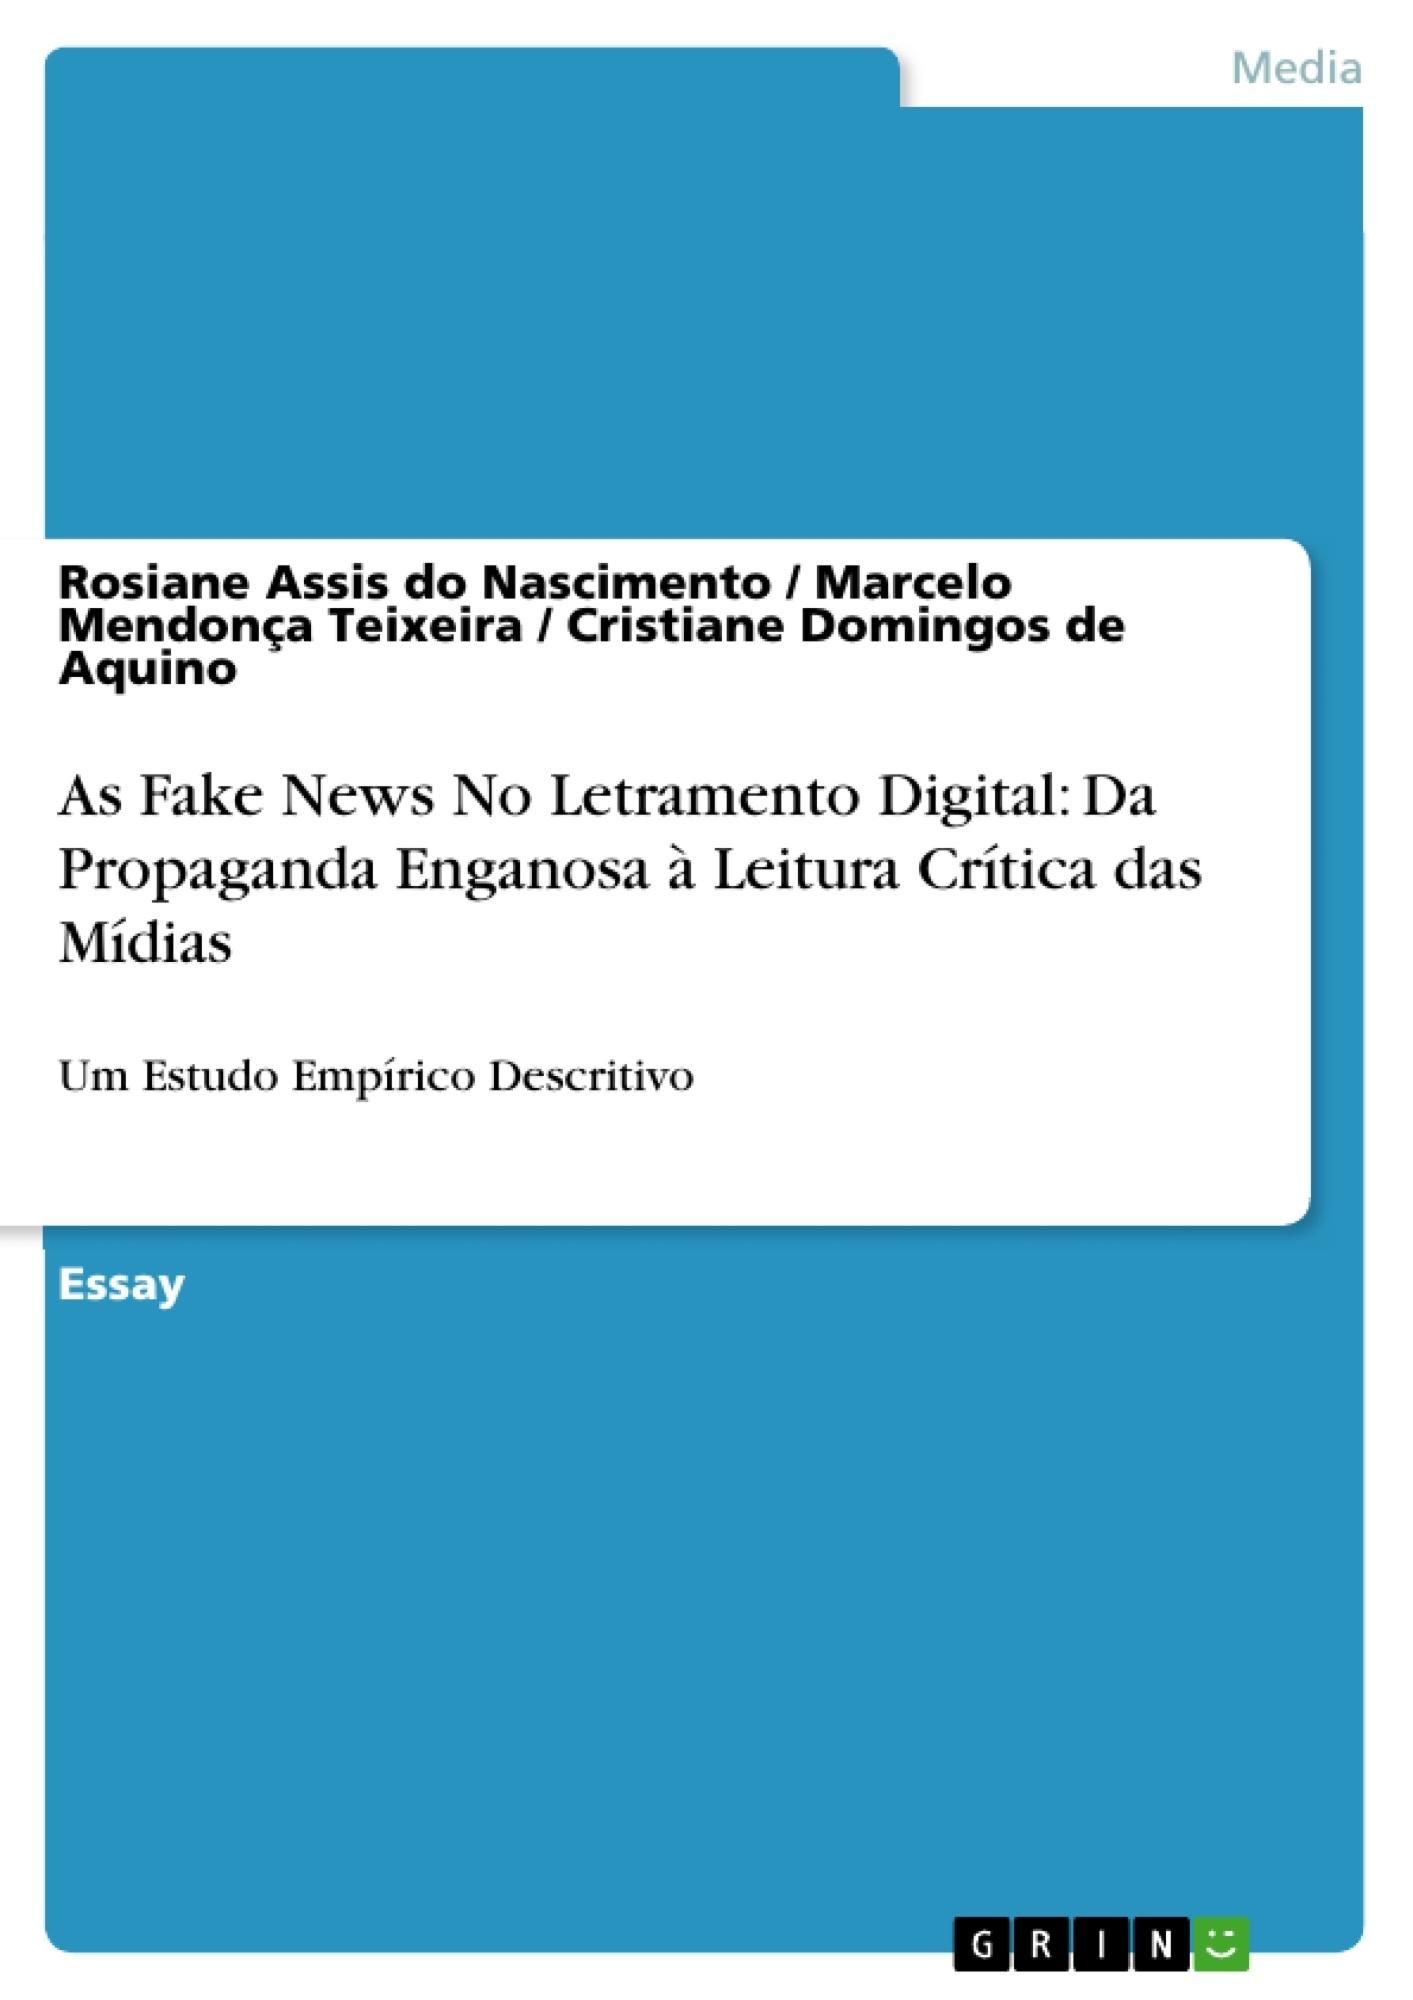 Title: As Fake News No Letramento Digital: Da Propaganda Enganosa à Leitura Crítica das Mídias